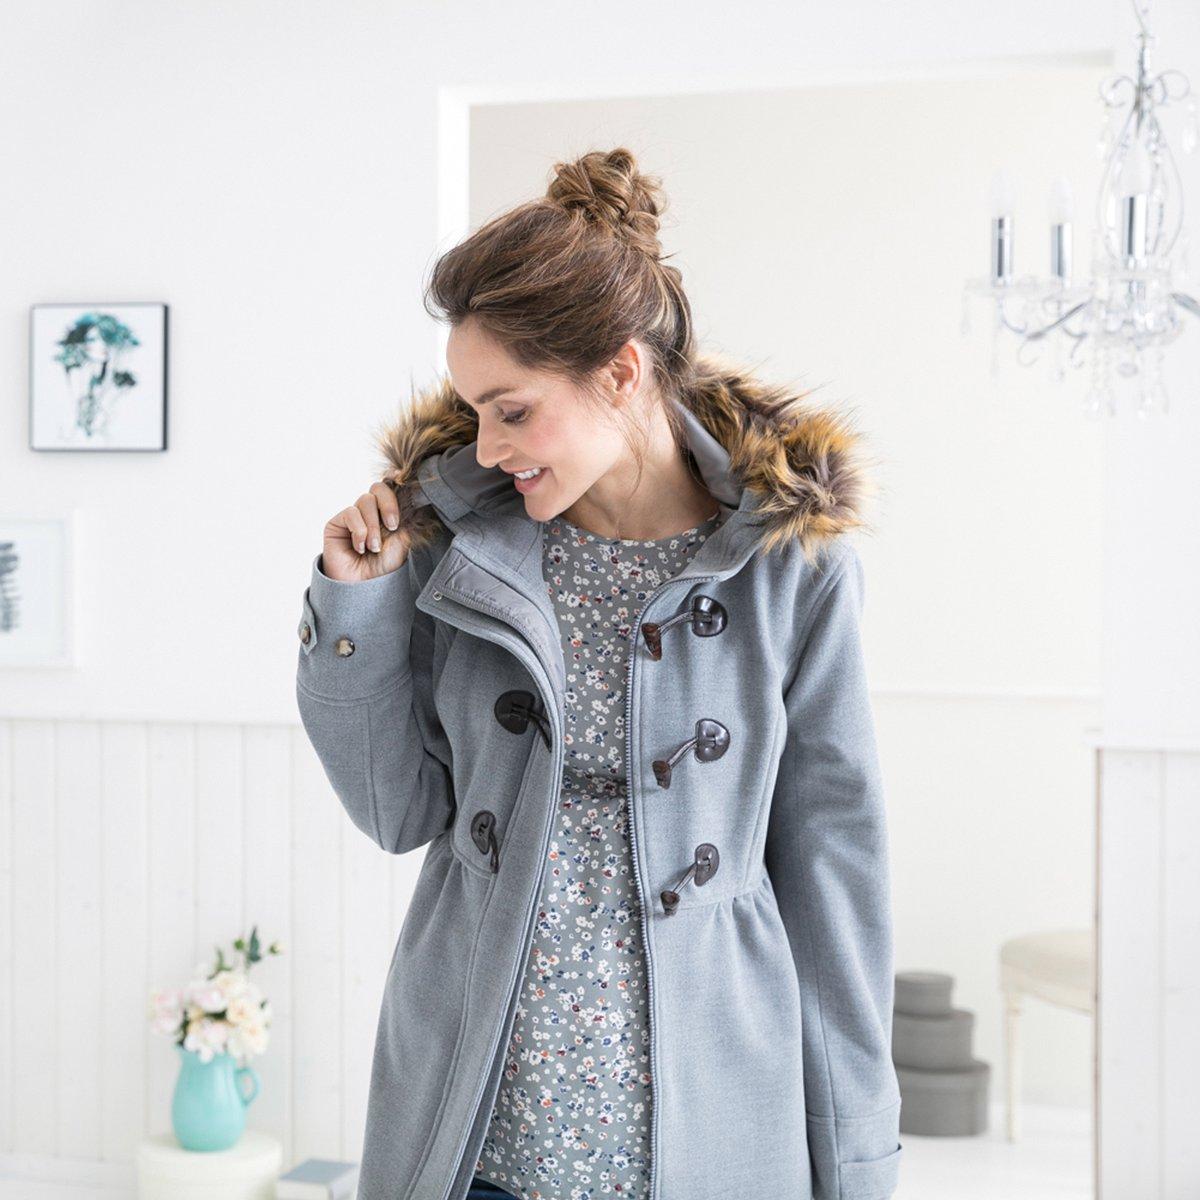 grau 2HEARTS Umstands-Mantel Romantic Duffle Coat mit Fake Fur schicker Mantel f/ür die Schwangerschaft